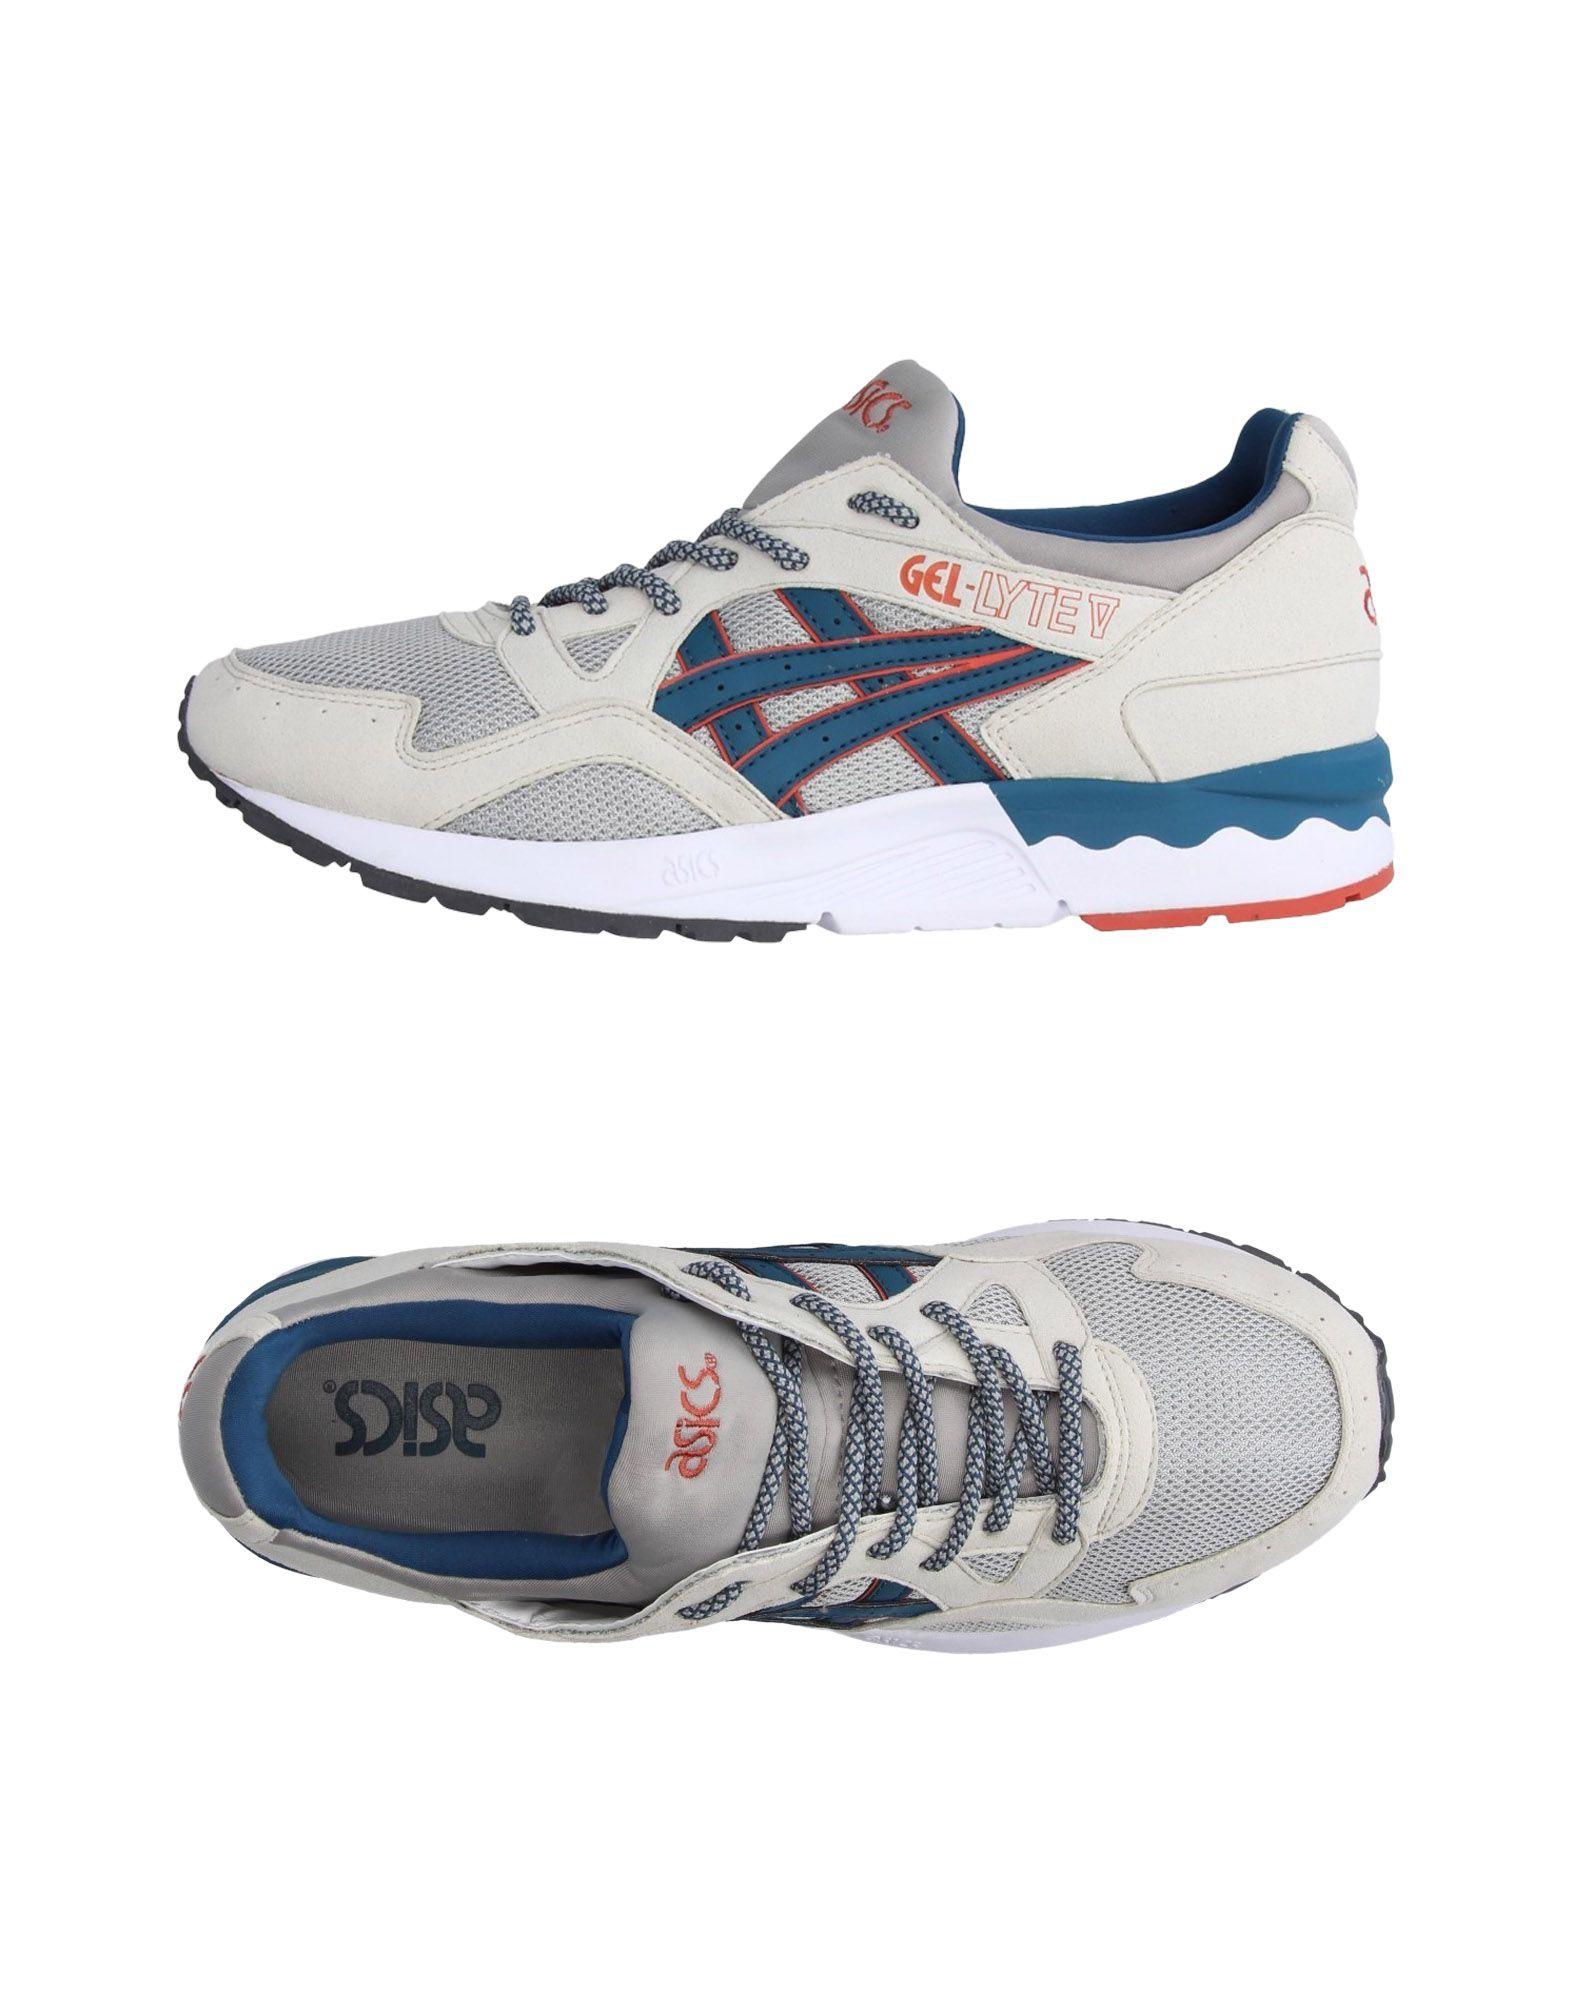 Rabatt Herren echte Schuhe Asics Turnschuhes Herren Rabatt 11217138CJ 5ecade